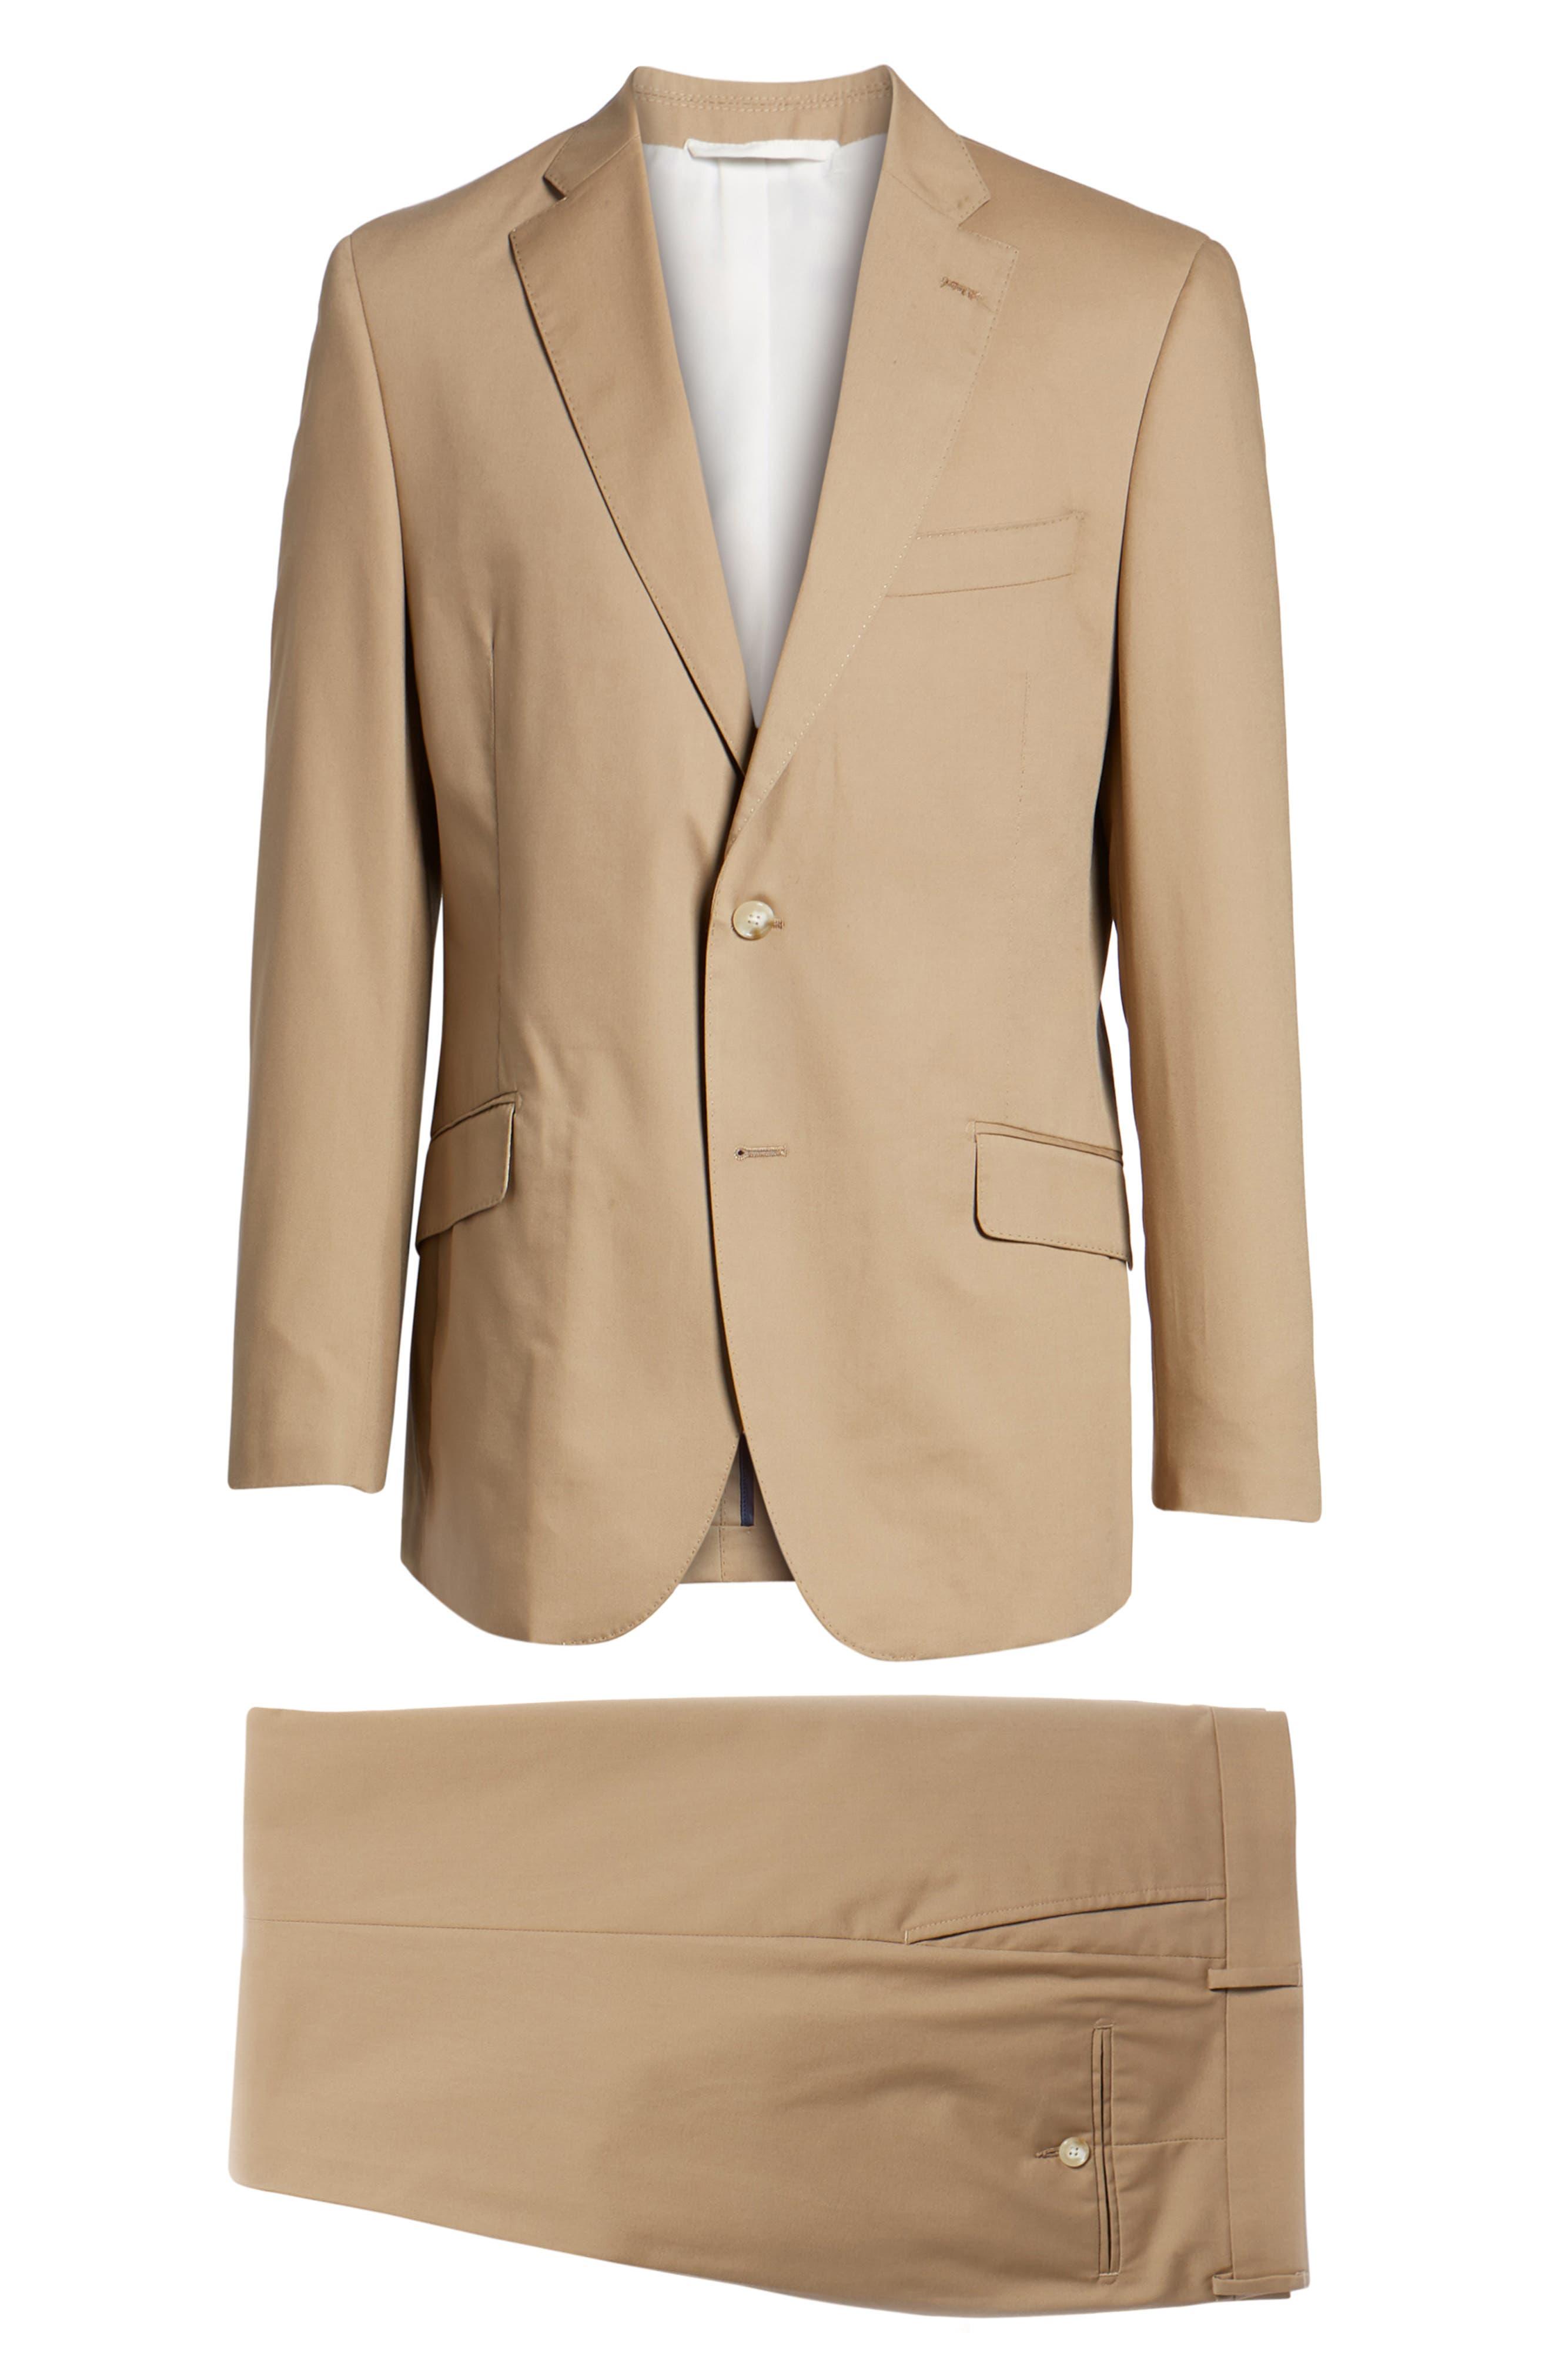 Irons AIM Classic Fit Solid Cotton Blend Suit,                             Alternate thumbnail 8, color,                             Khaki